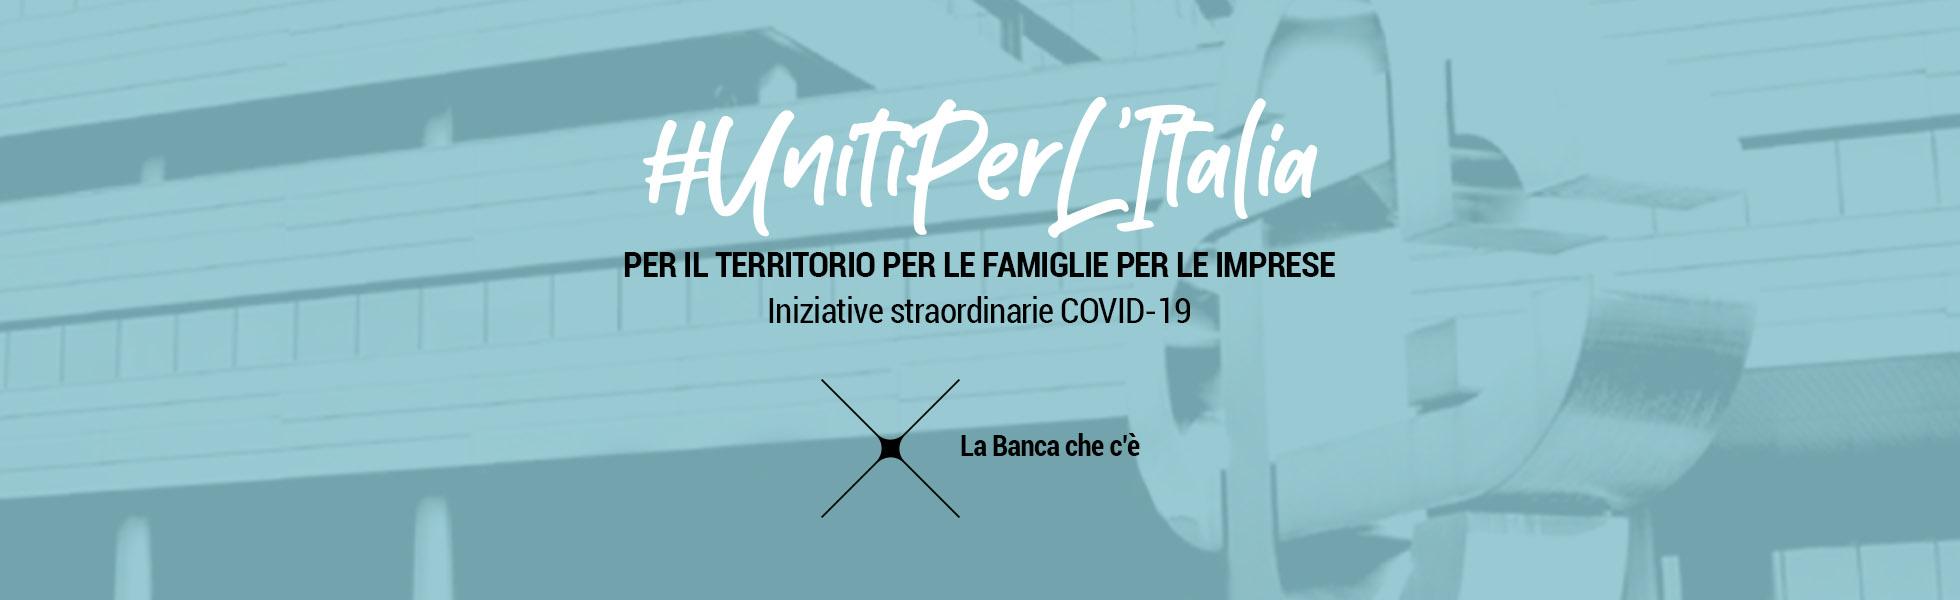 Sito Iccrea Uniti Per L'Italia Covid 19